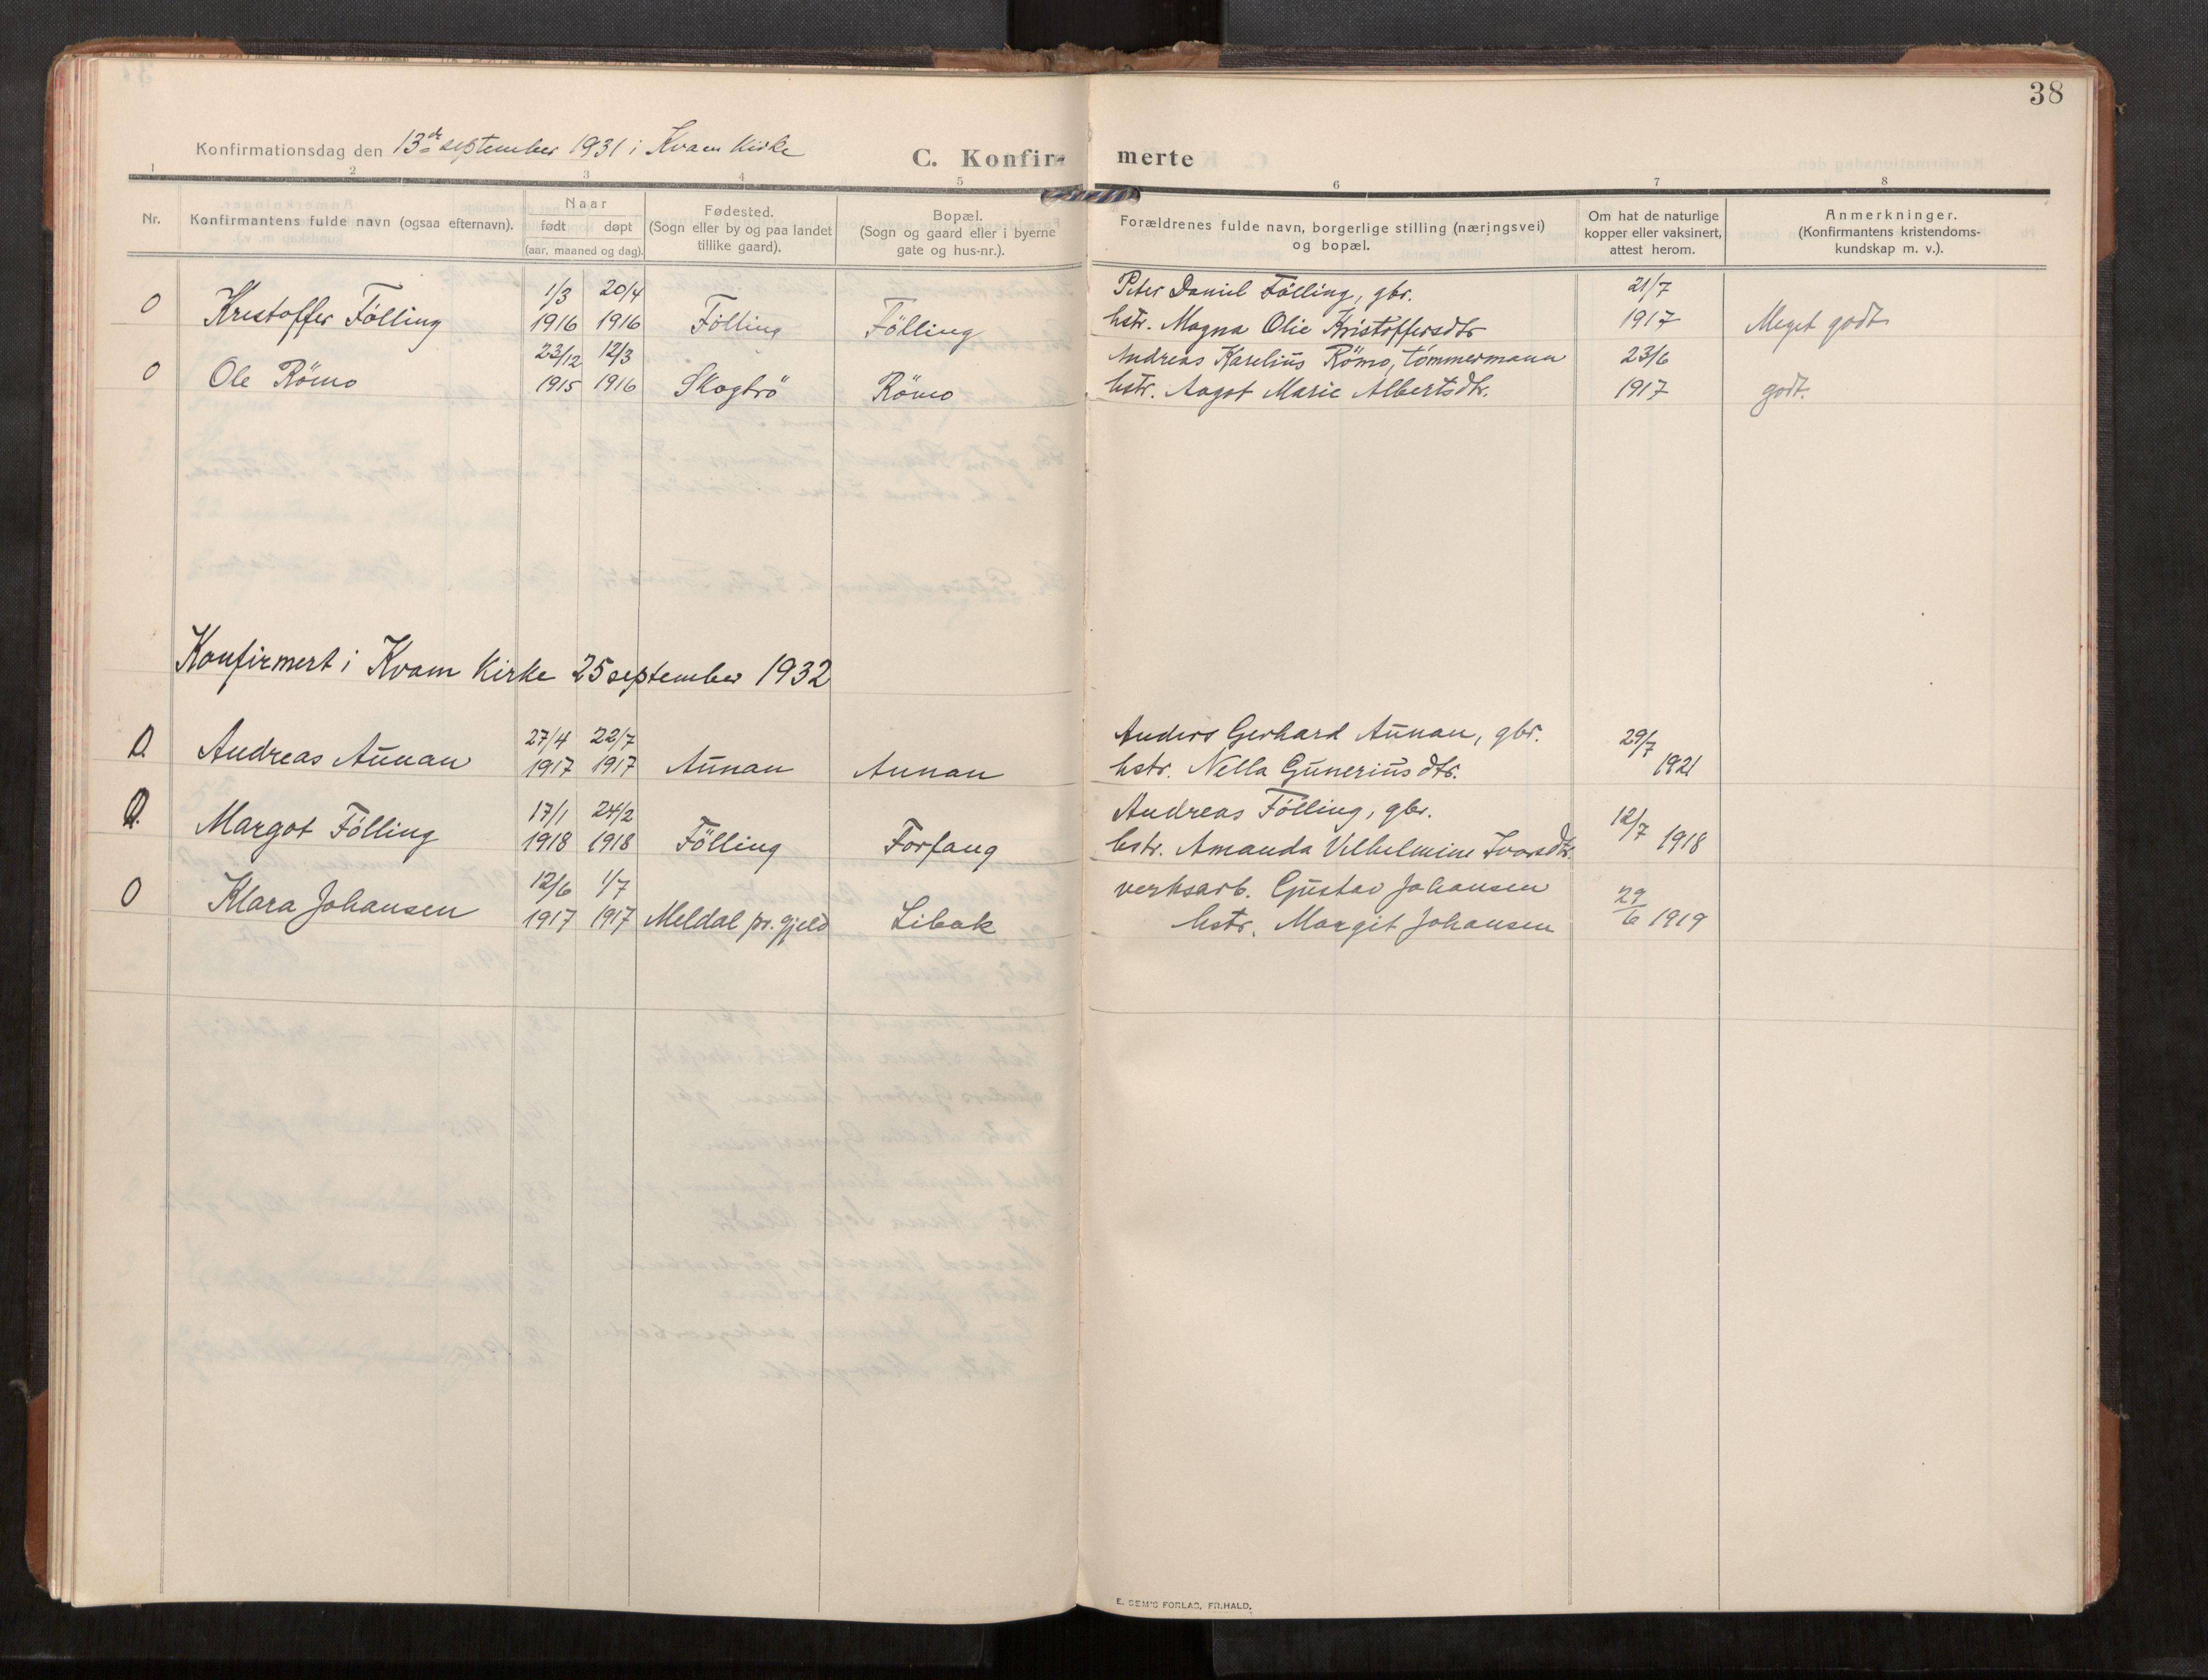 SAT, Stod sokneprestkontor, I/I1/I1a/L0003: Parish register (official) no. 3, 1909-1934, p. 38